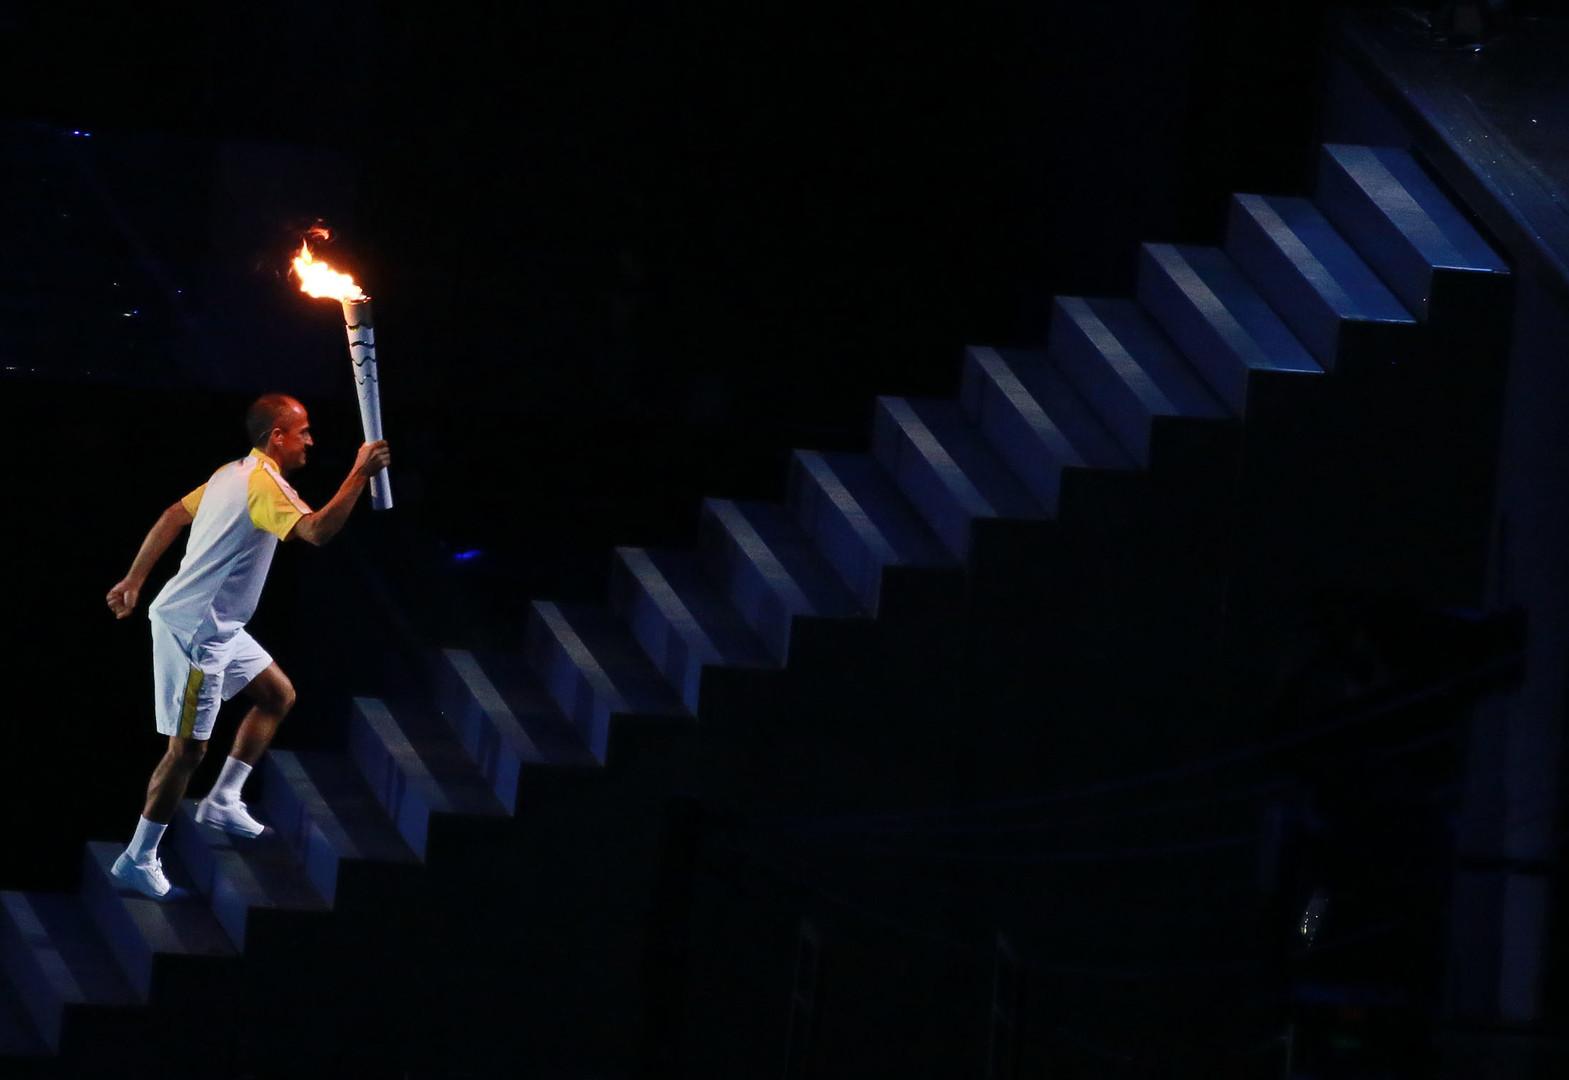 Церемония открытия Олимпийских игр в Рио-де-Жанейро. Бразильский марафонец Вандерлей де Лима готовится зажечь Олимпийский огонь на стадионе «Маракана».